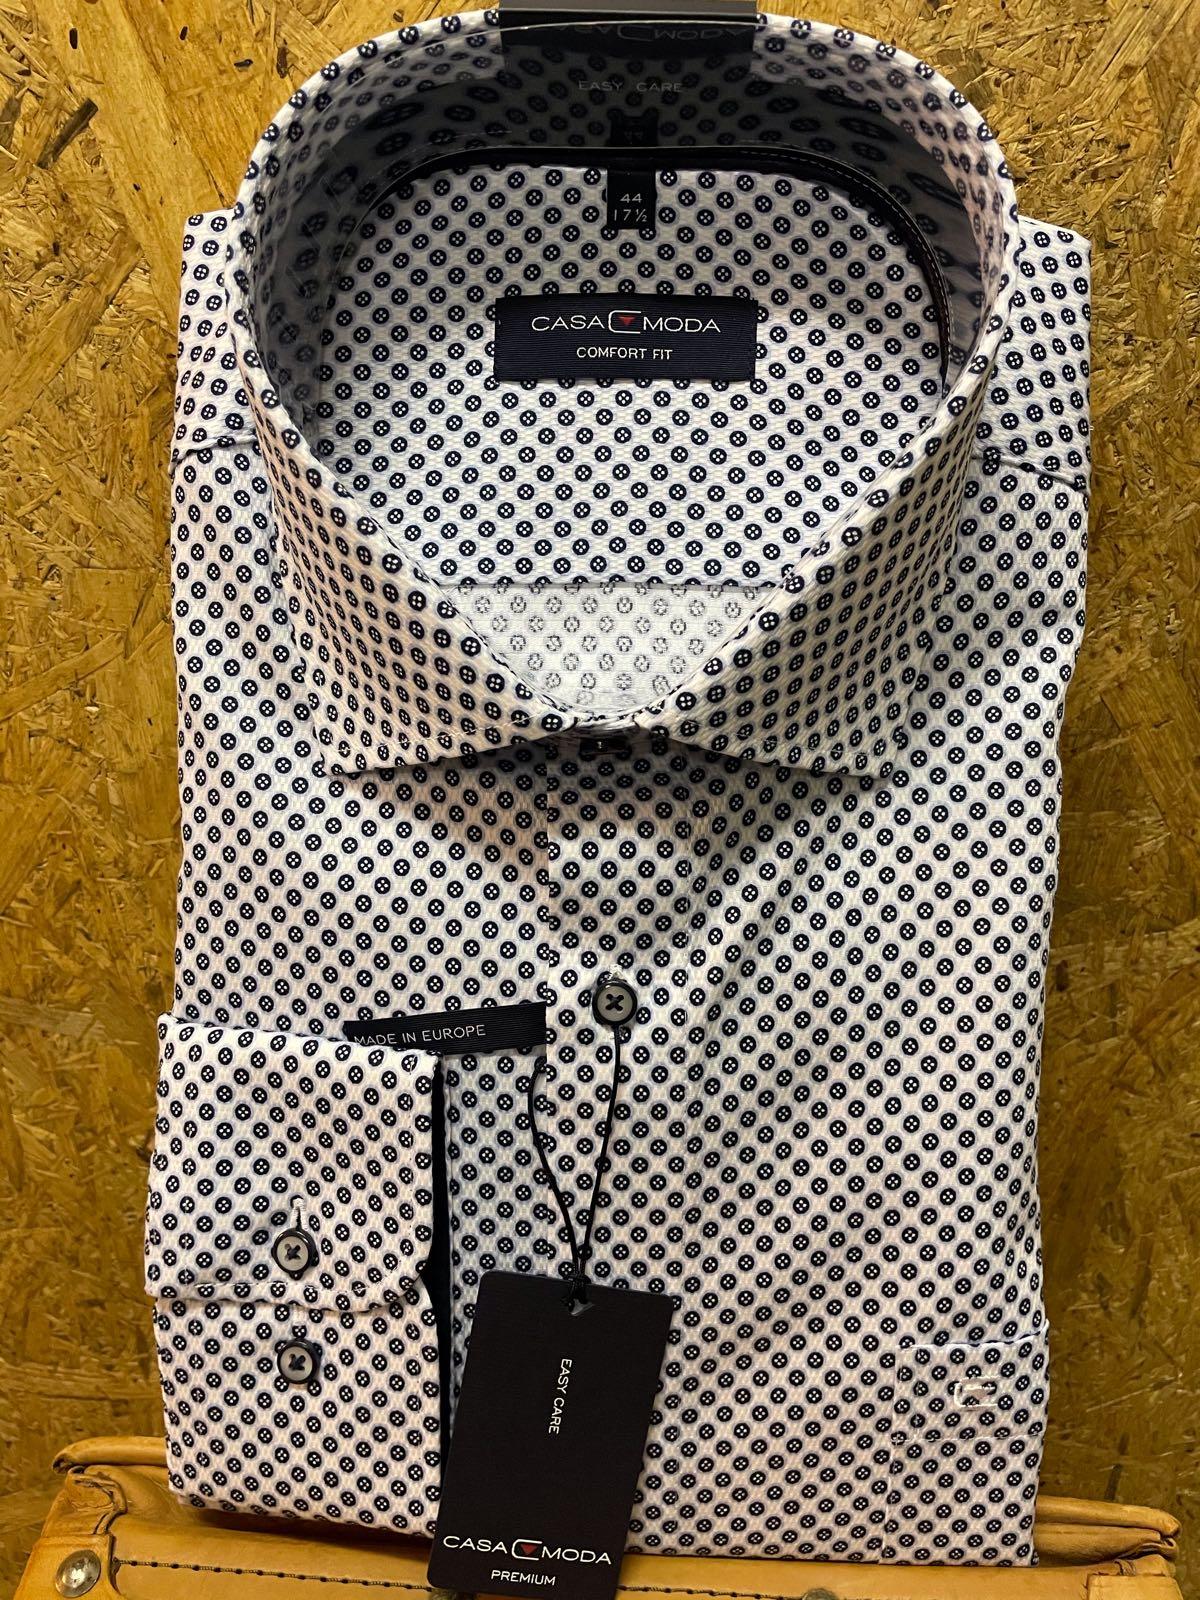 Casa Moda l/æ skjorte prikket